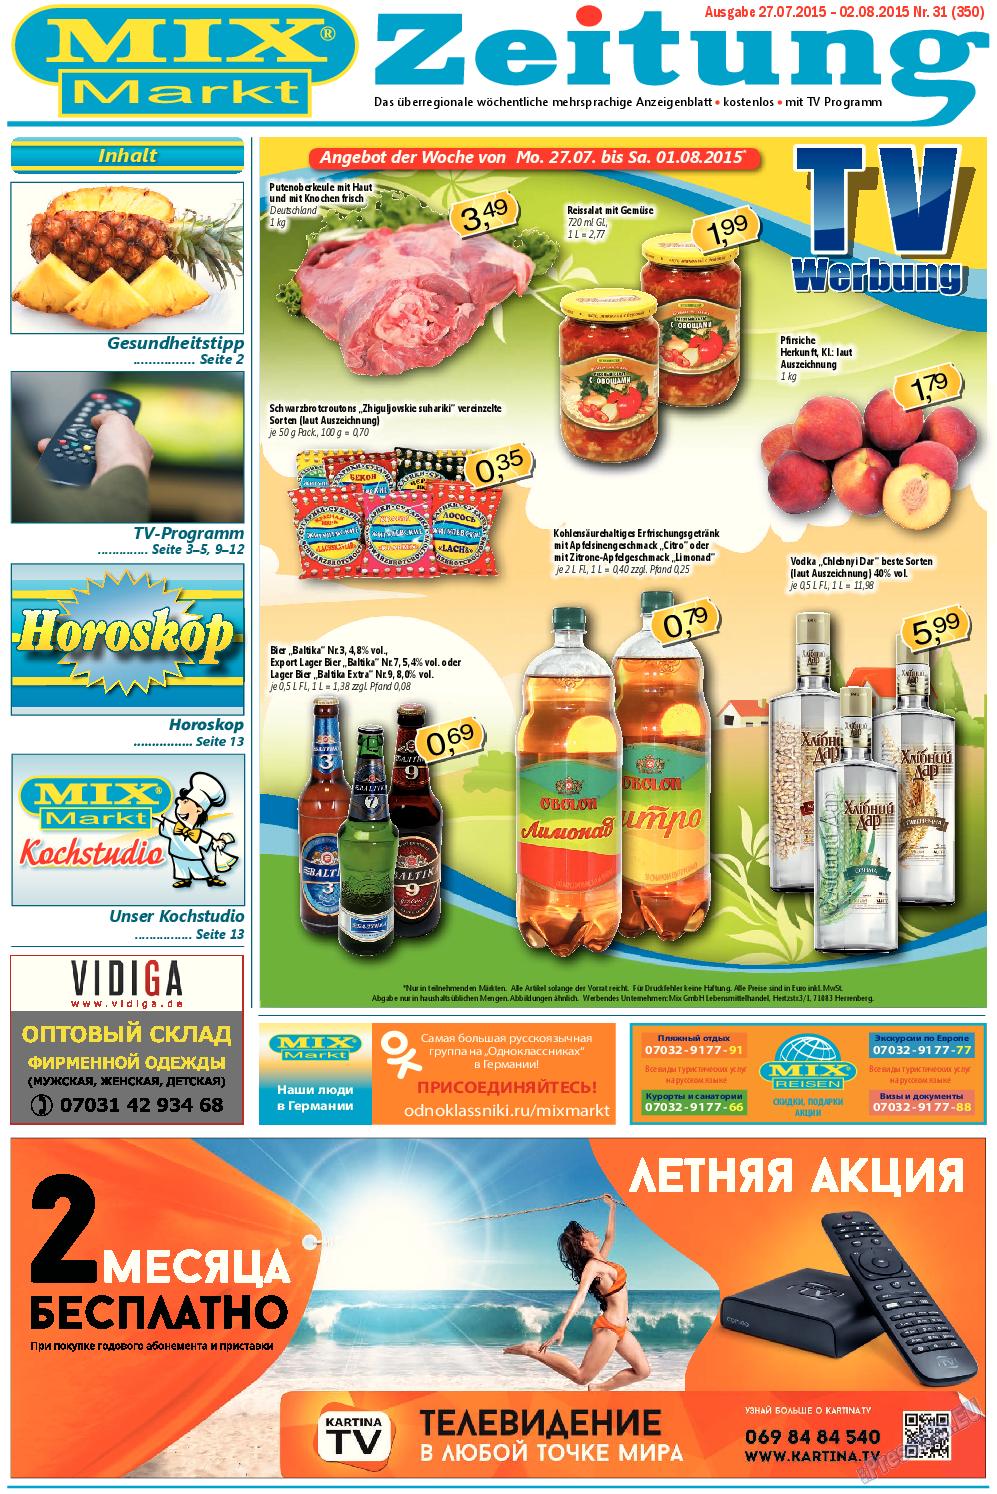 MIX-Markt Zeitung (газета). 2015 год, номер 31, стр. 1